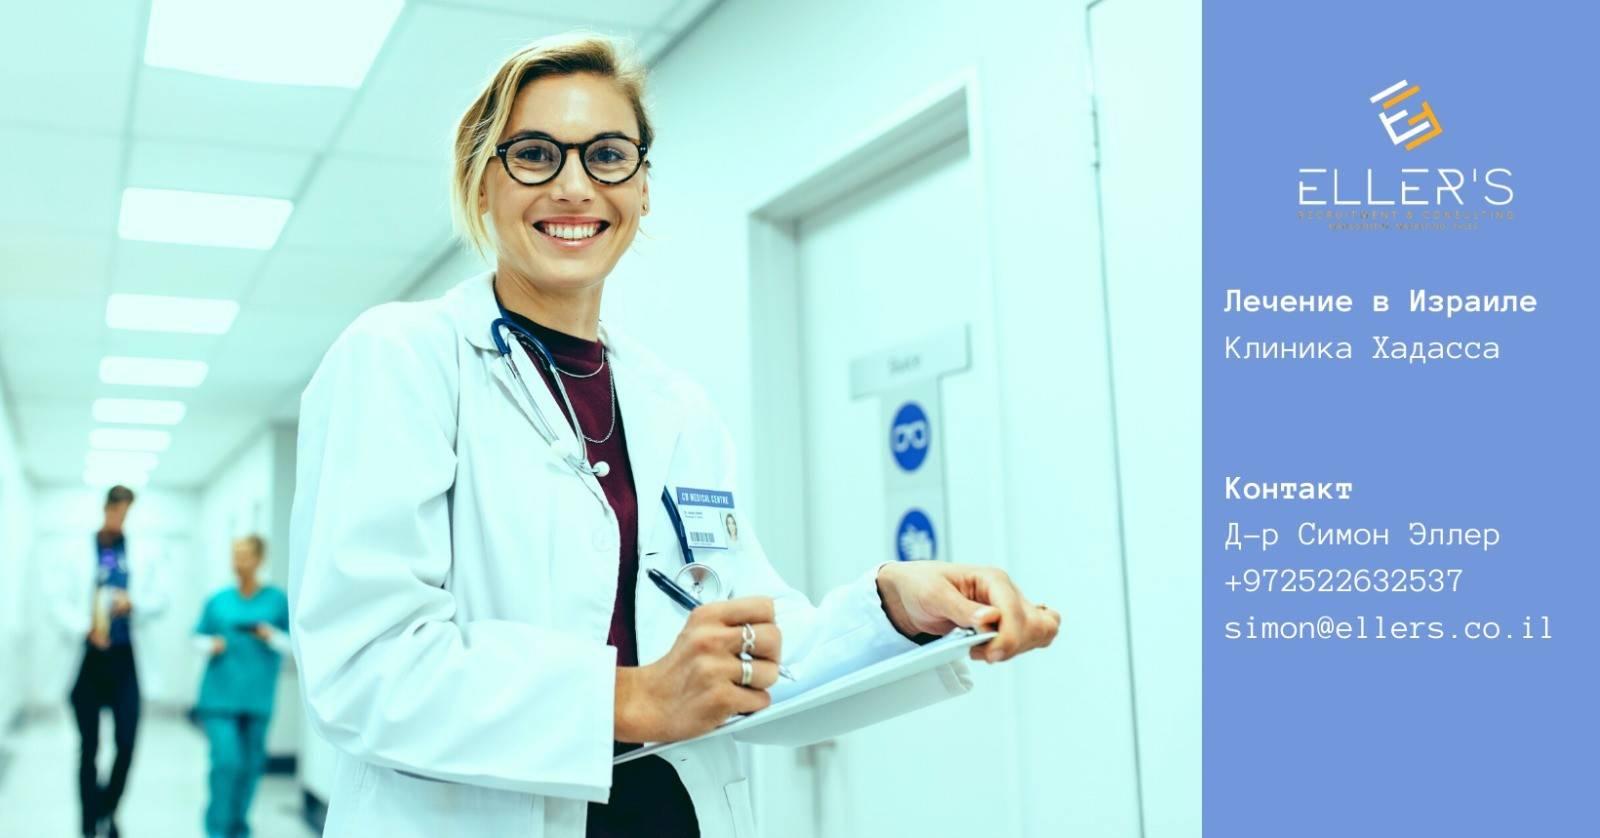 Лечение рака панкоста в израиле: цены 2021 года | клиника хадасса